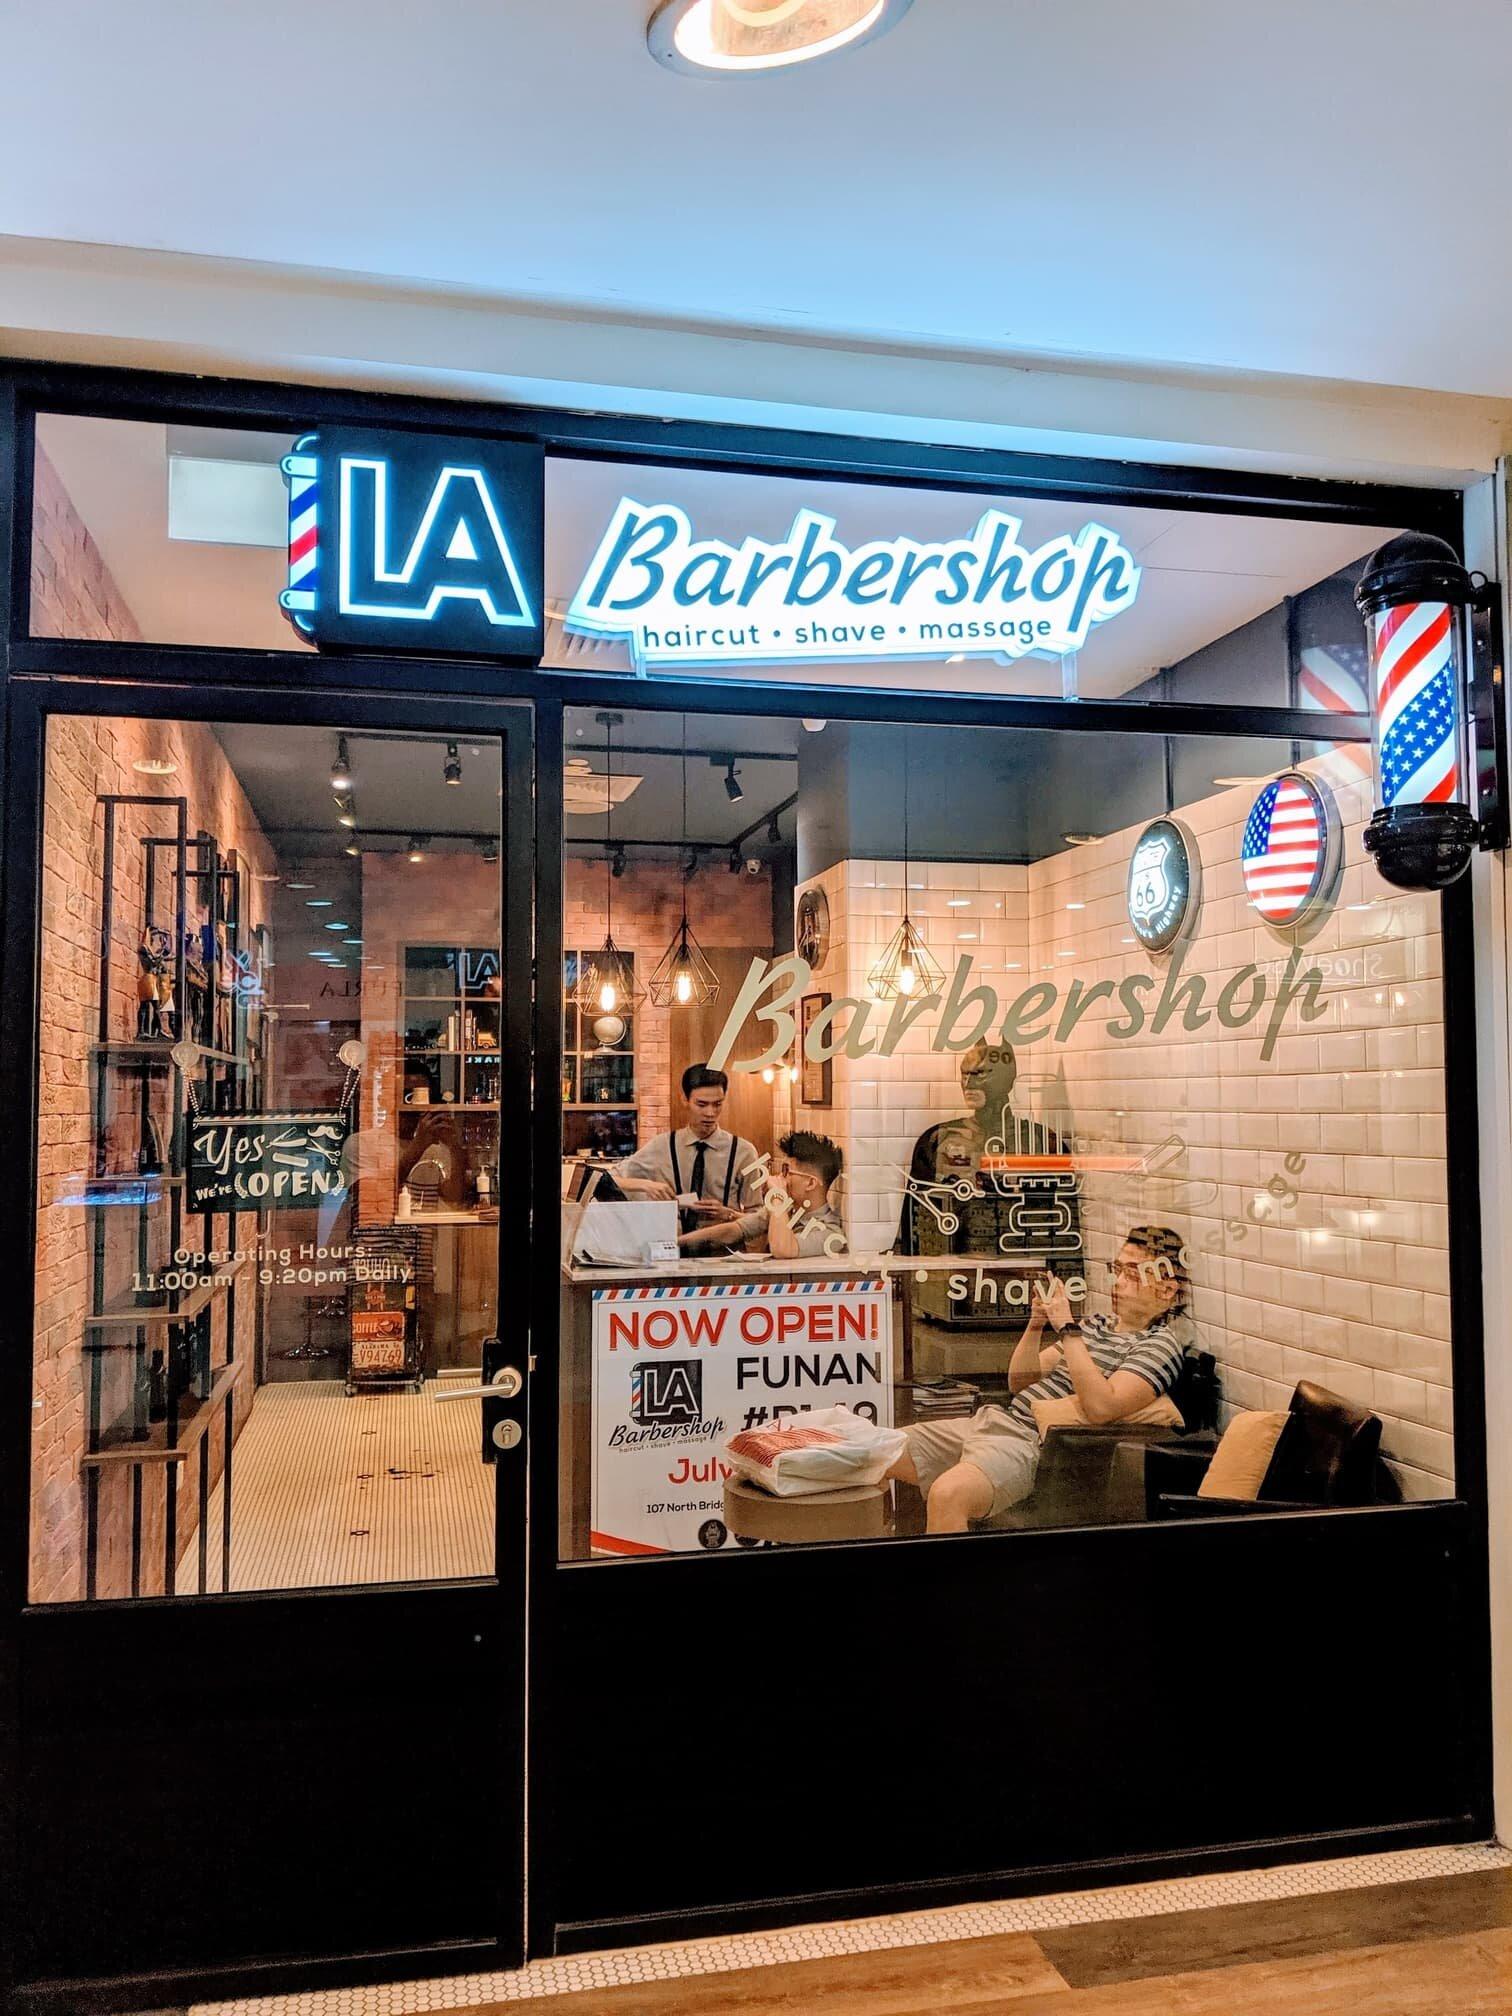 LA Barbershop Velocity Outlet at Novena Square